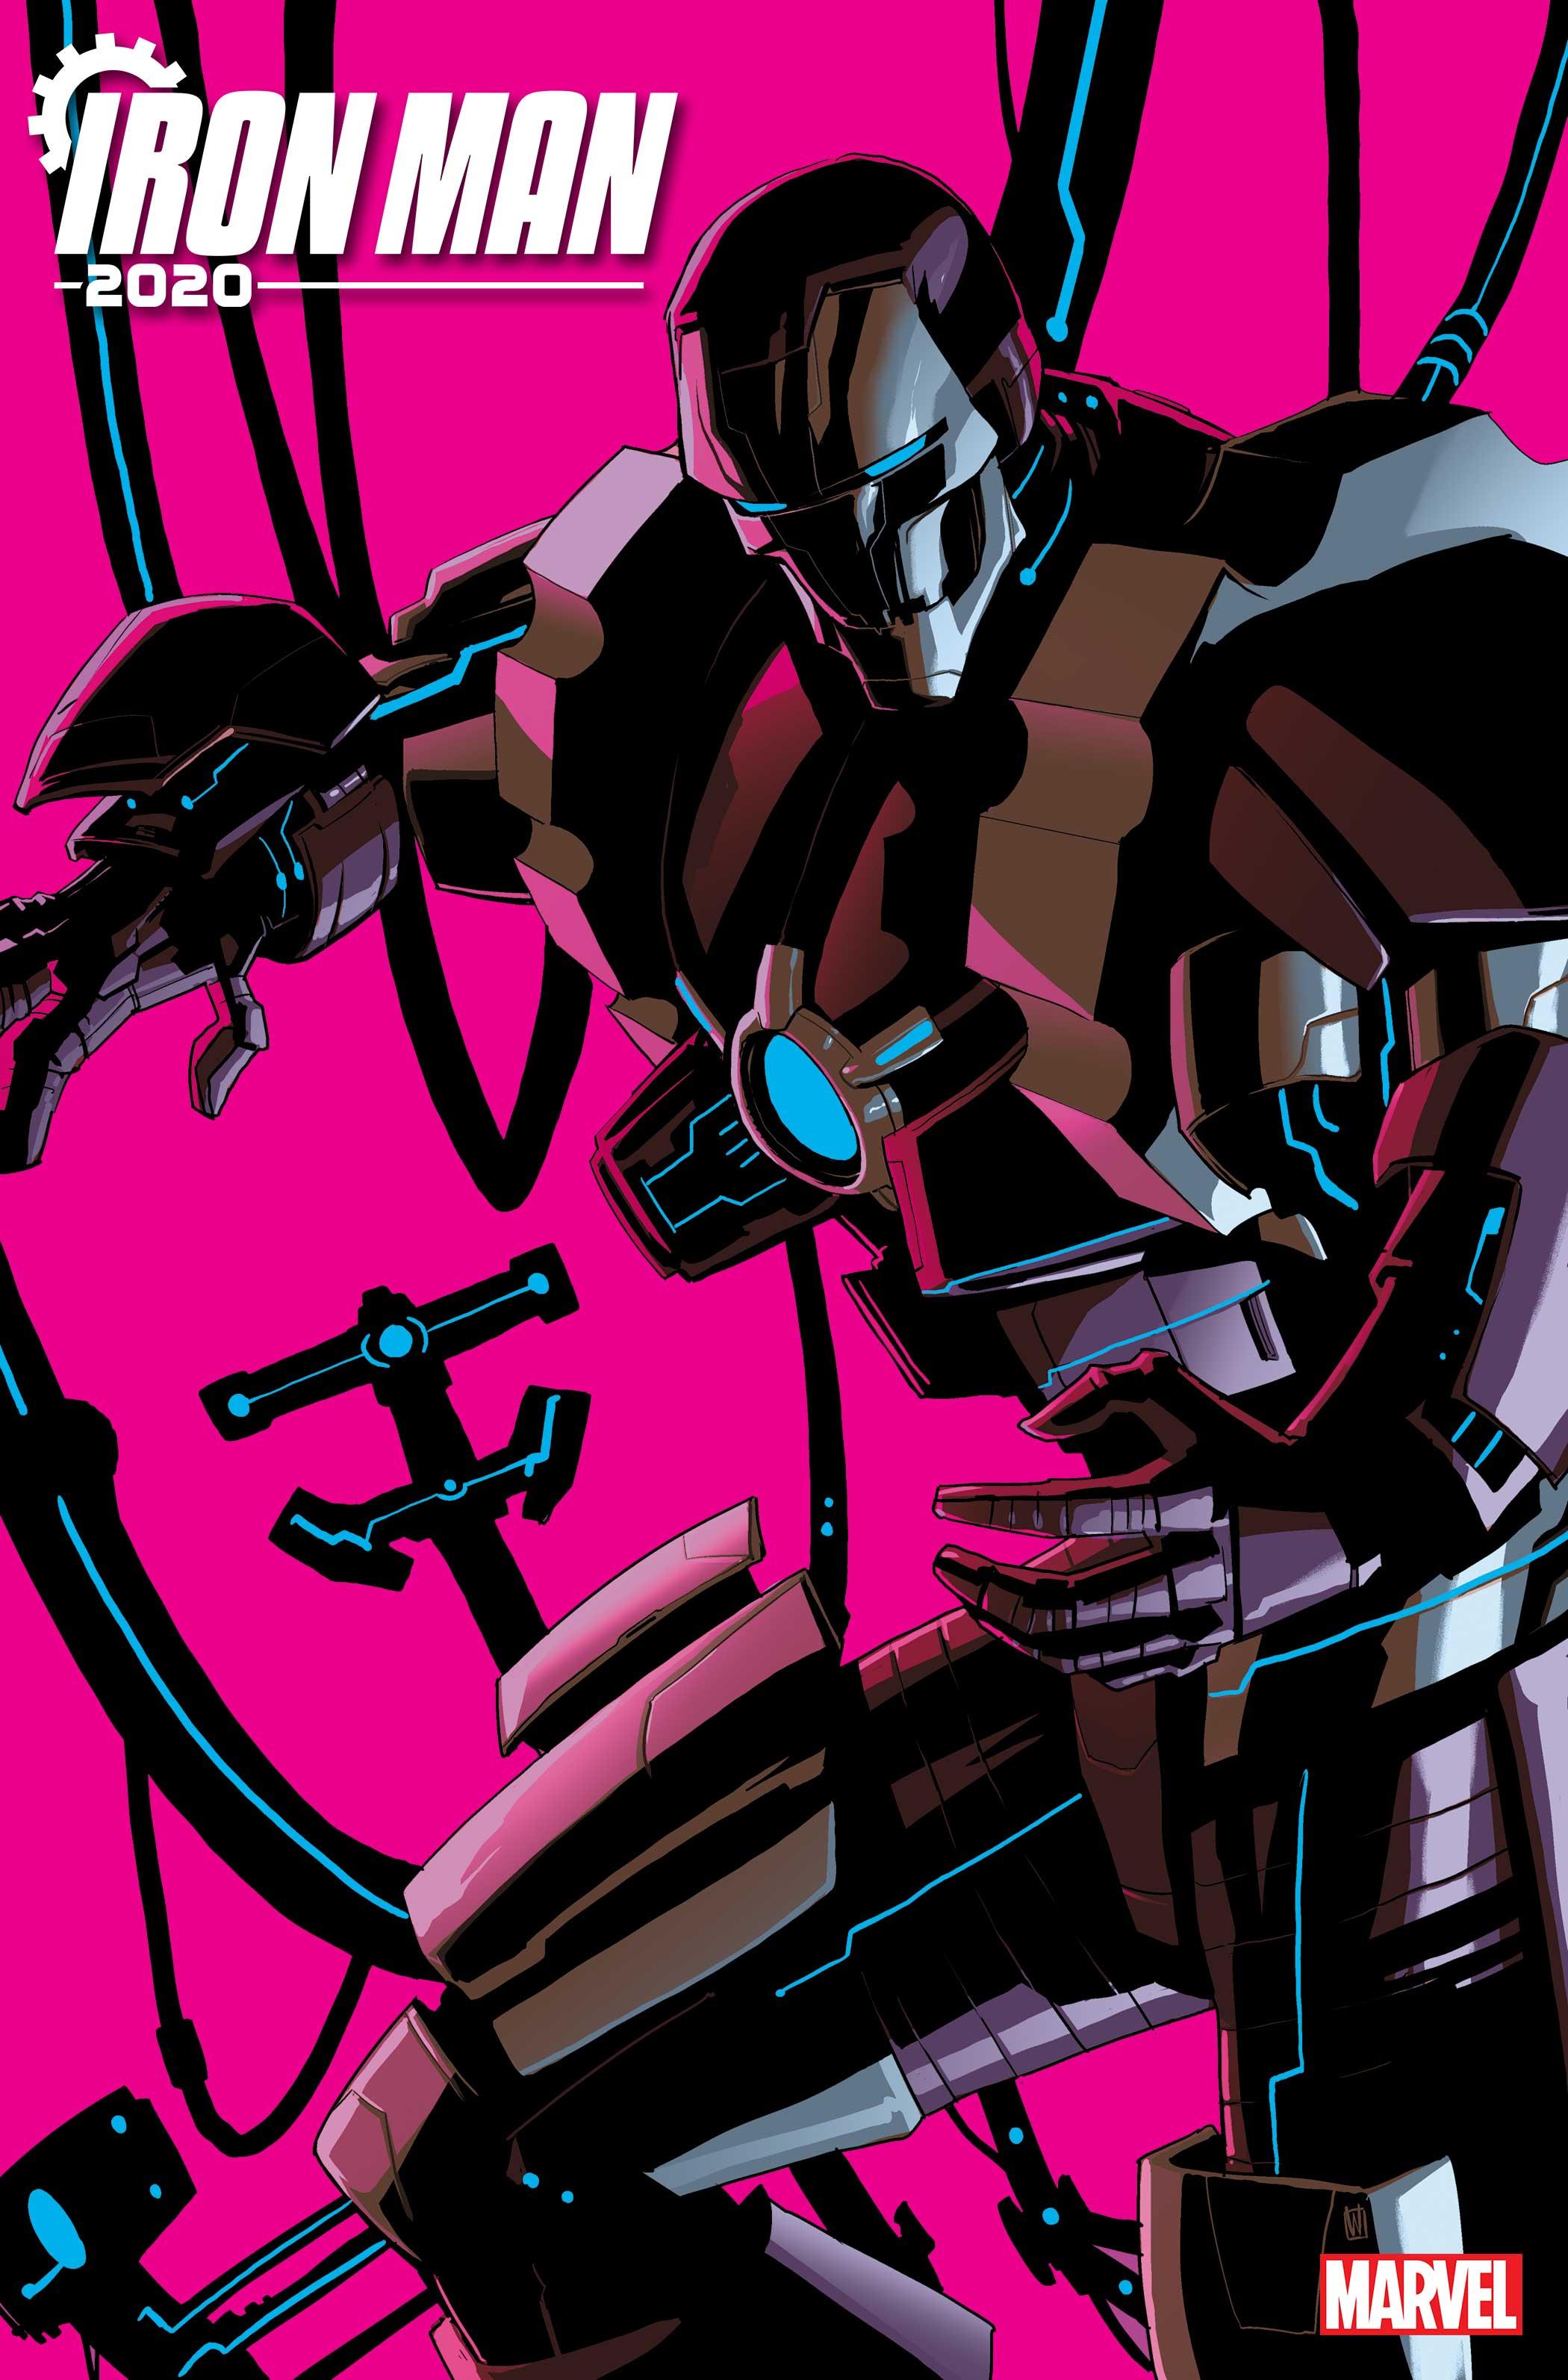 Next Big Thing: Iron Man 2020